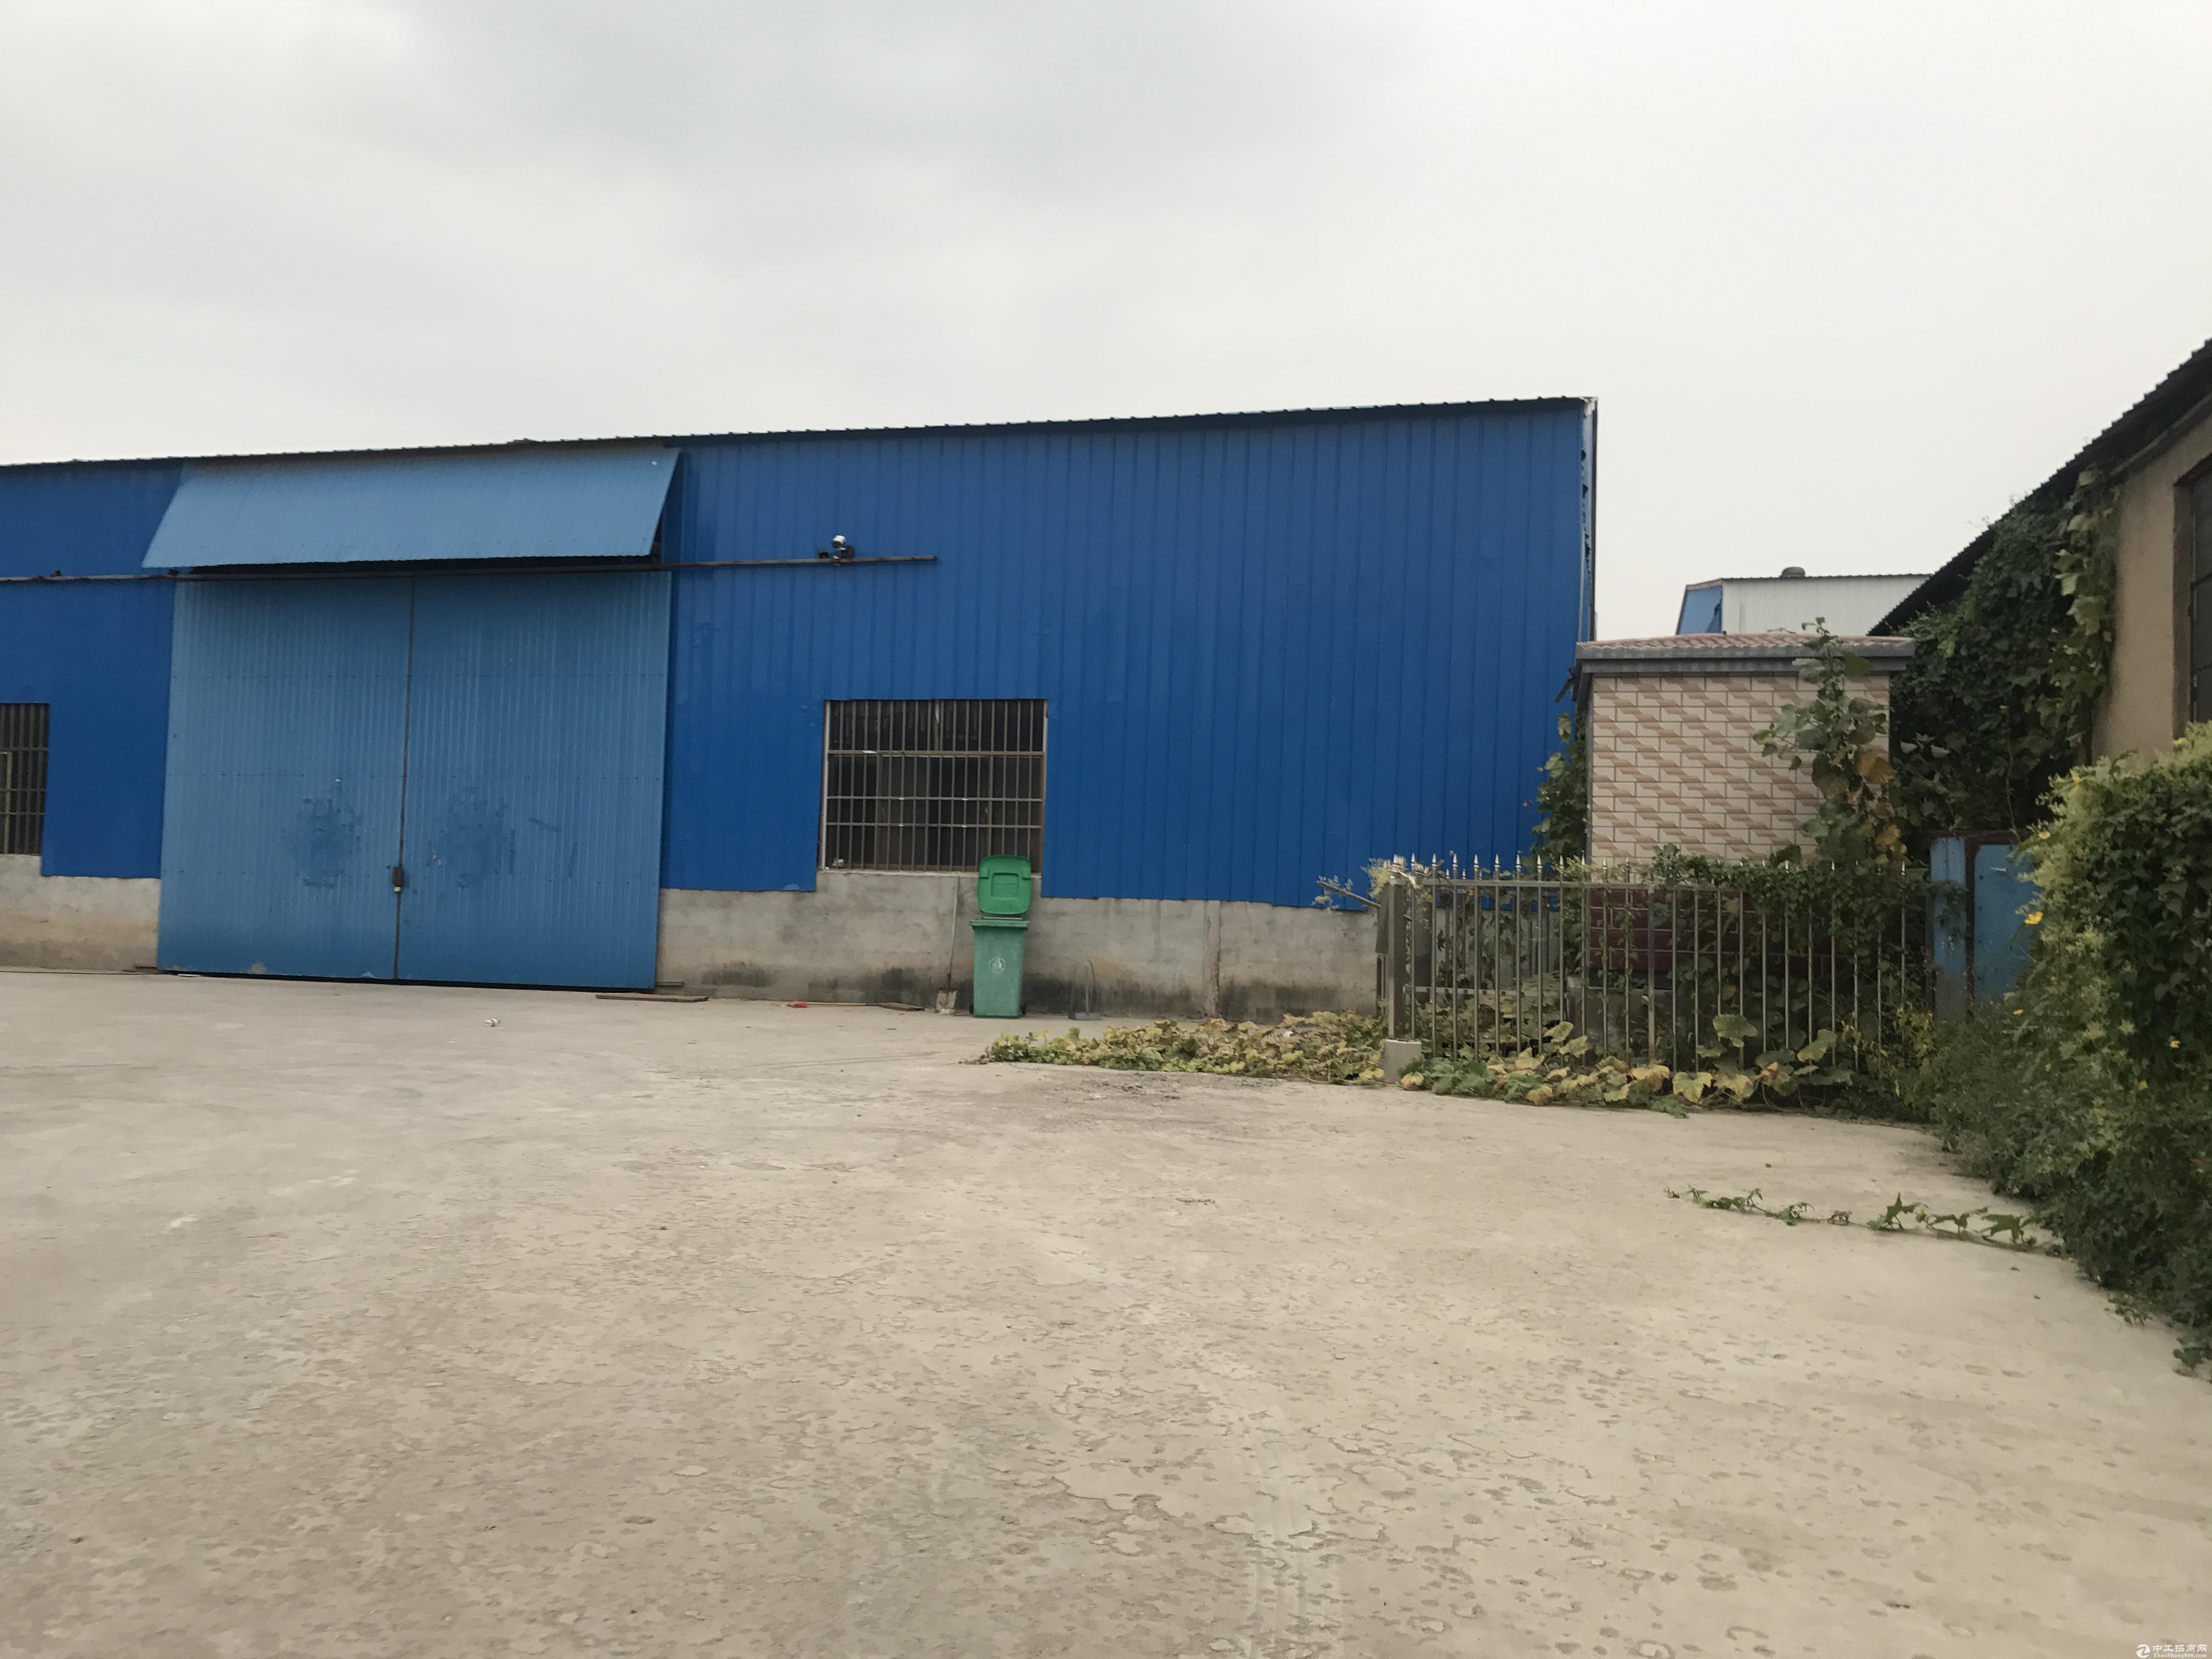 兰山区义堂镇2000-3000平米标准钢结构厂房出租2019